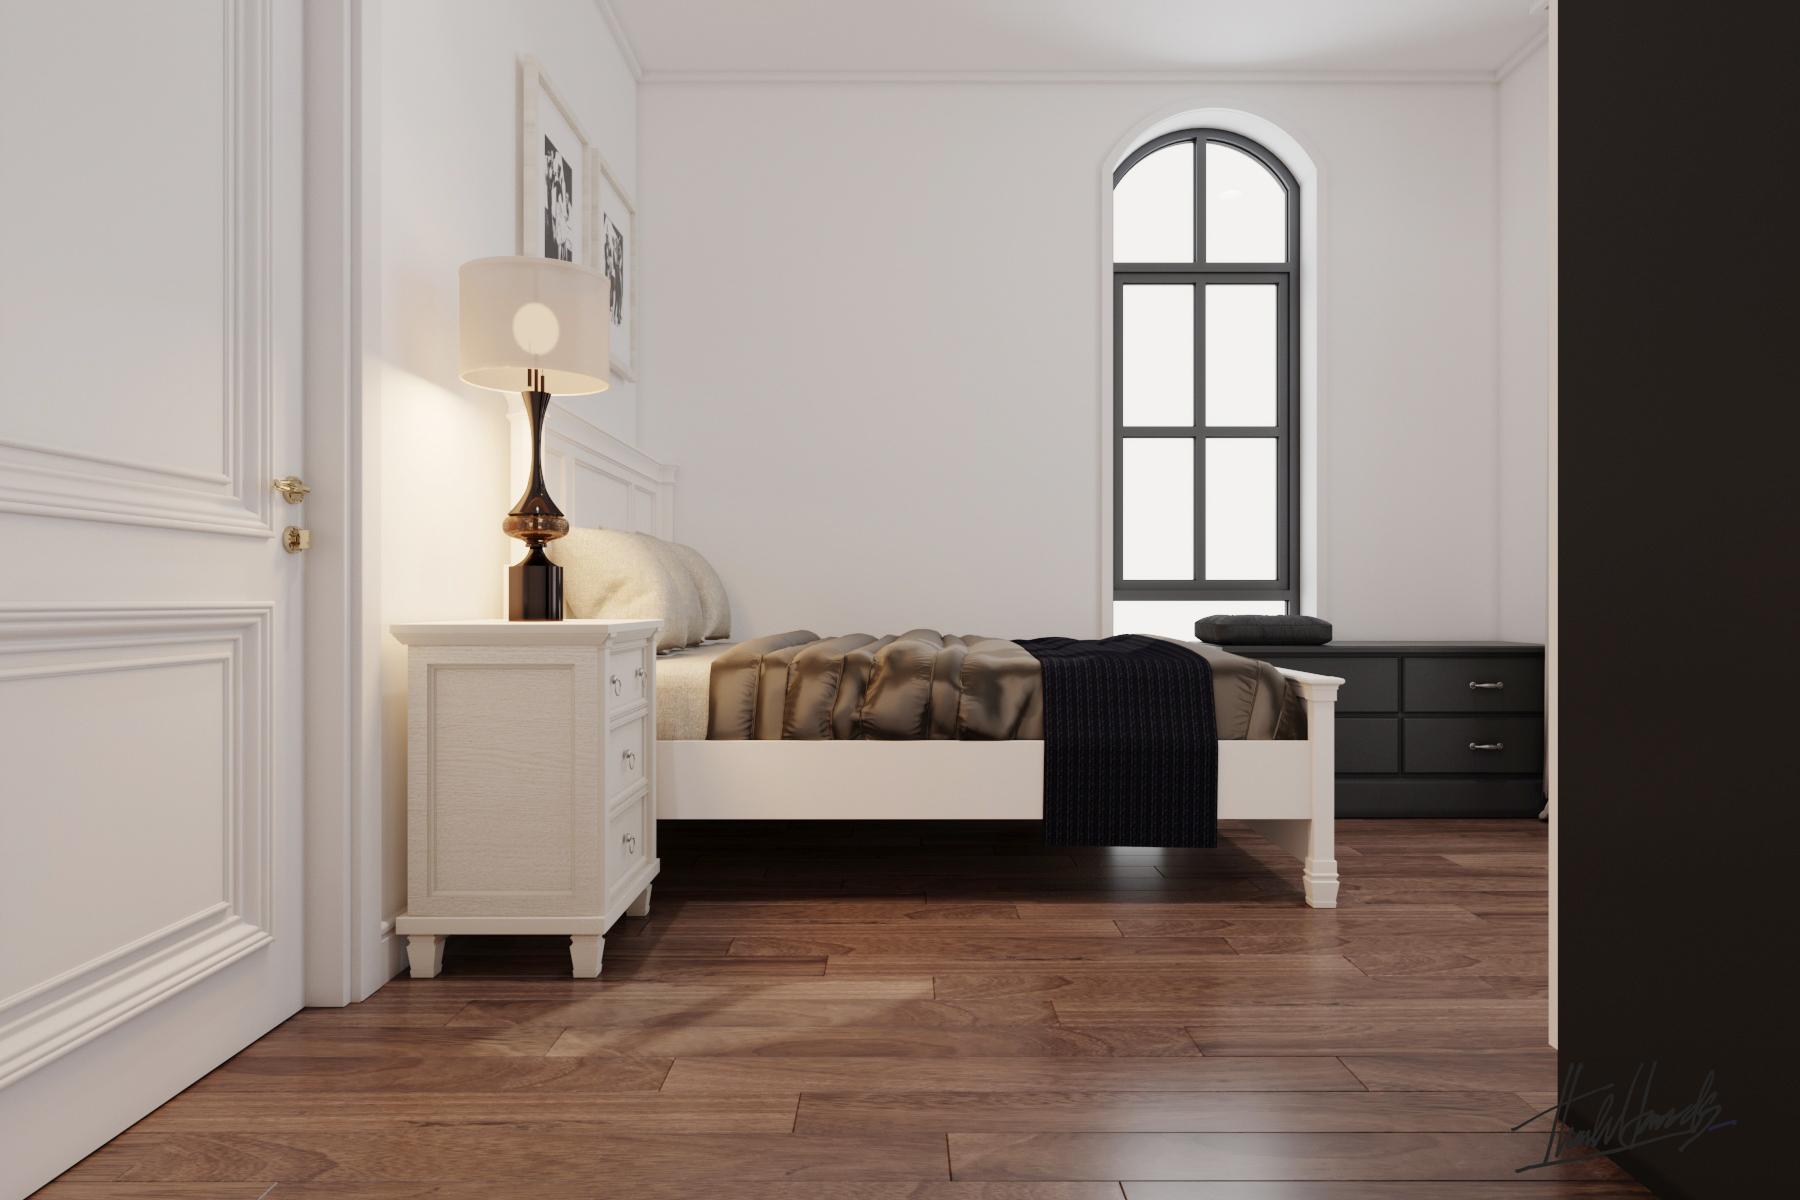 thiết kế nội thất Nhà Mặt Phố tại Hà Nội căn hộ cho thuê . 11 1568087748